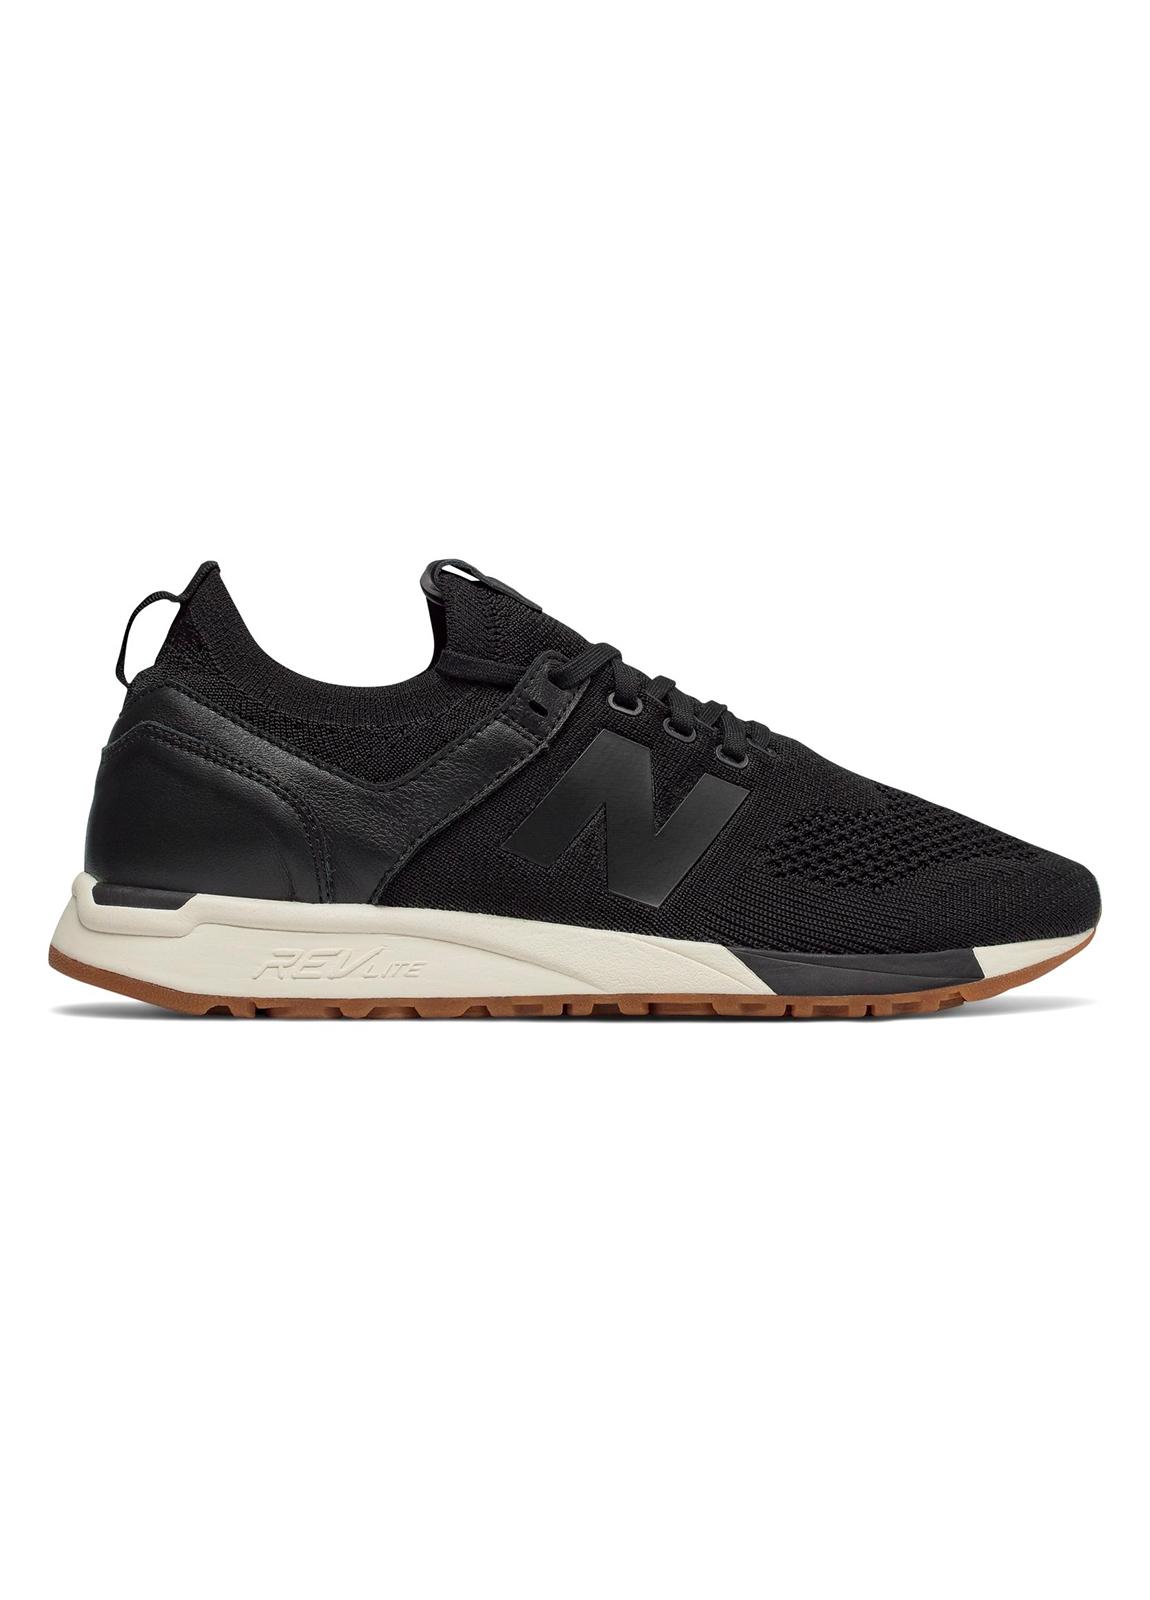 Sneaker hombre MRL247 color negro, piel y malla.